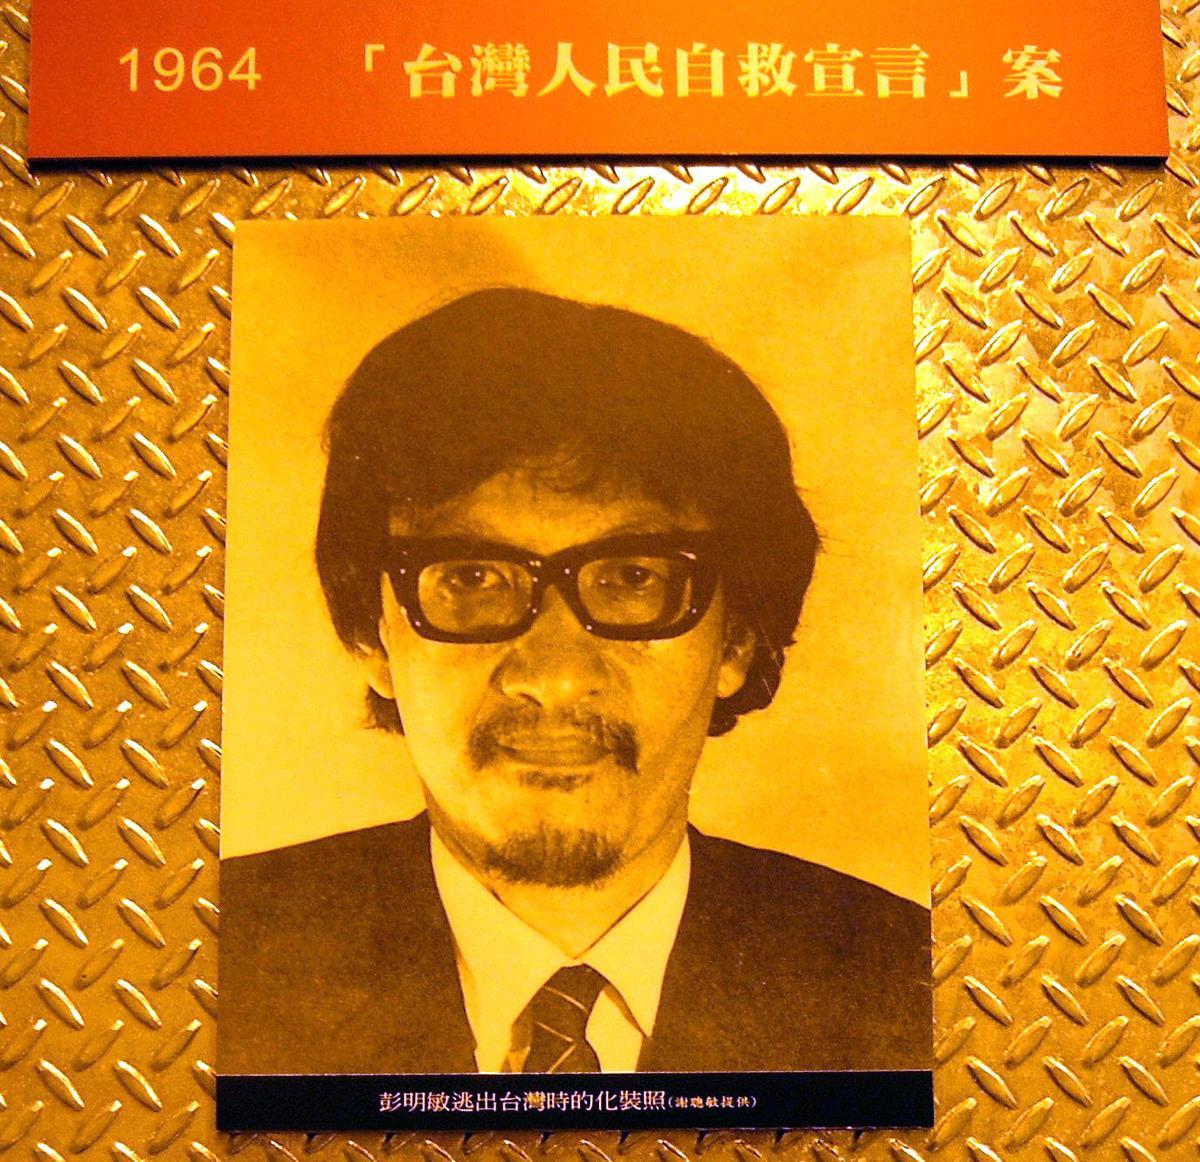 1970年,彭明敏持友人護照,變裝成功躲過國民黨耳目,自松山機場逃出台灣。